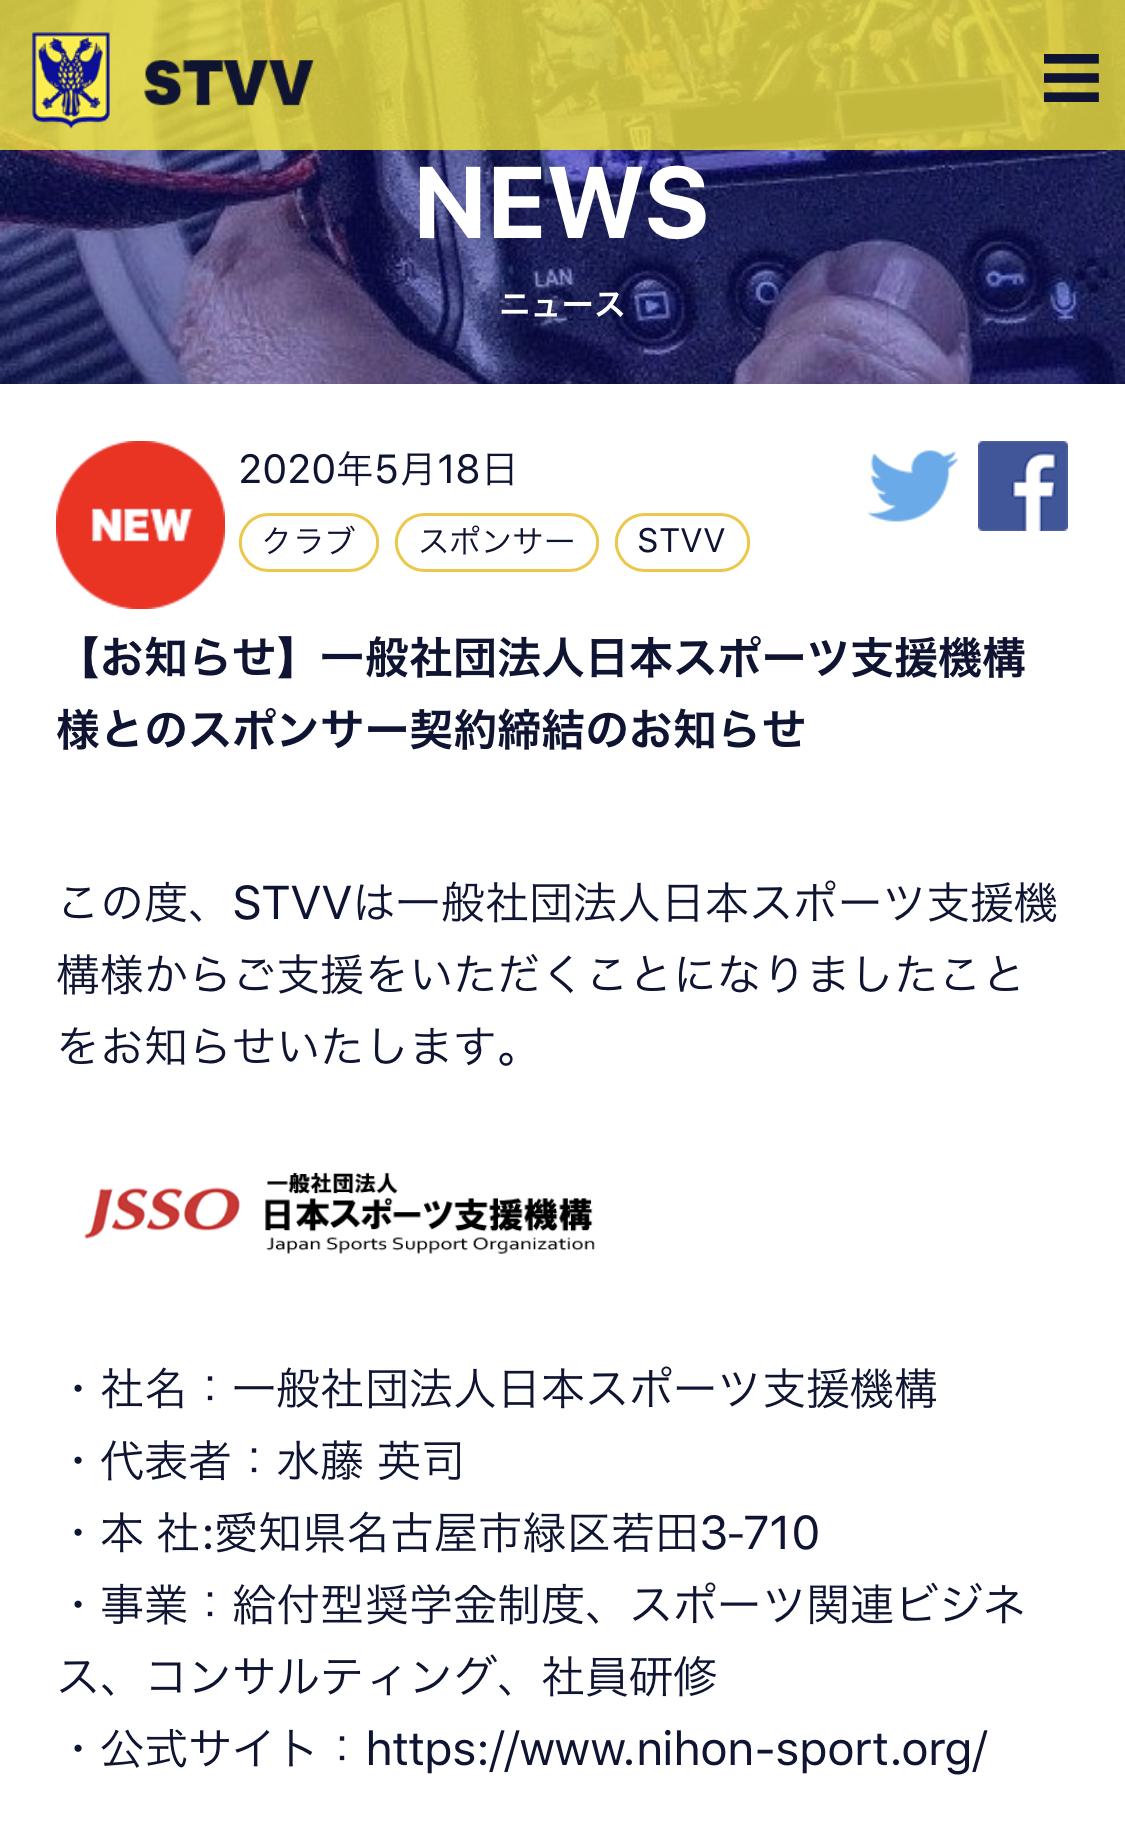 シント=トロイデンVV(STVV)